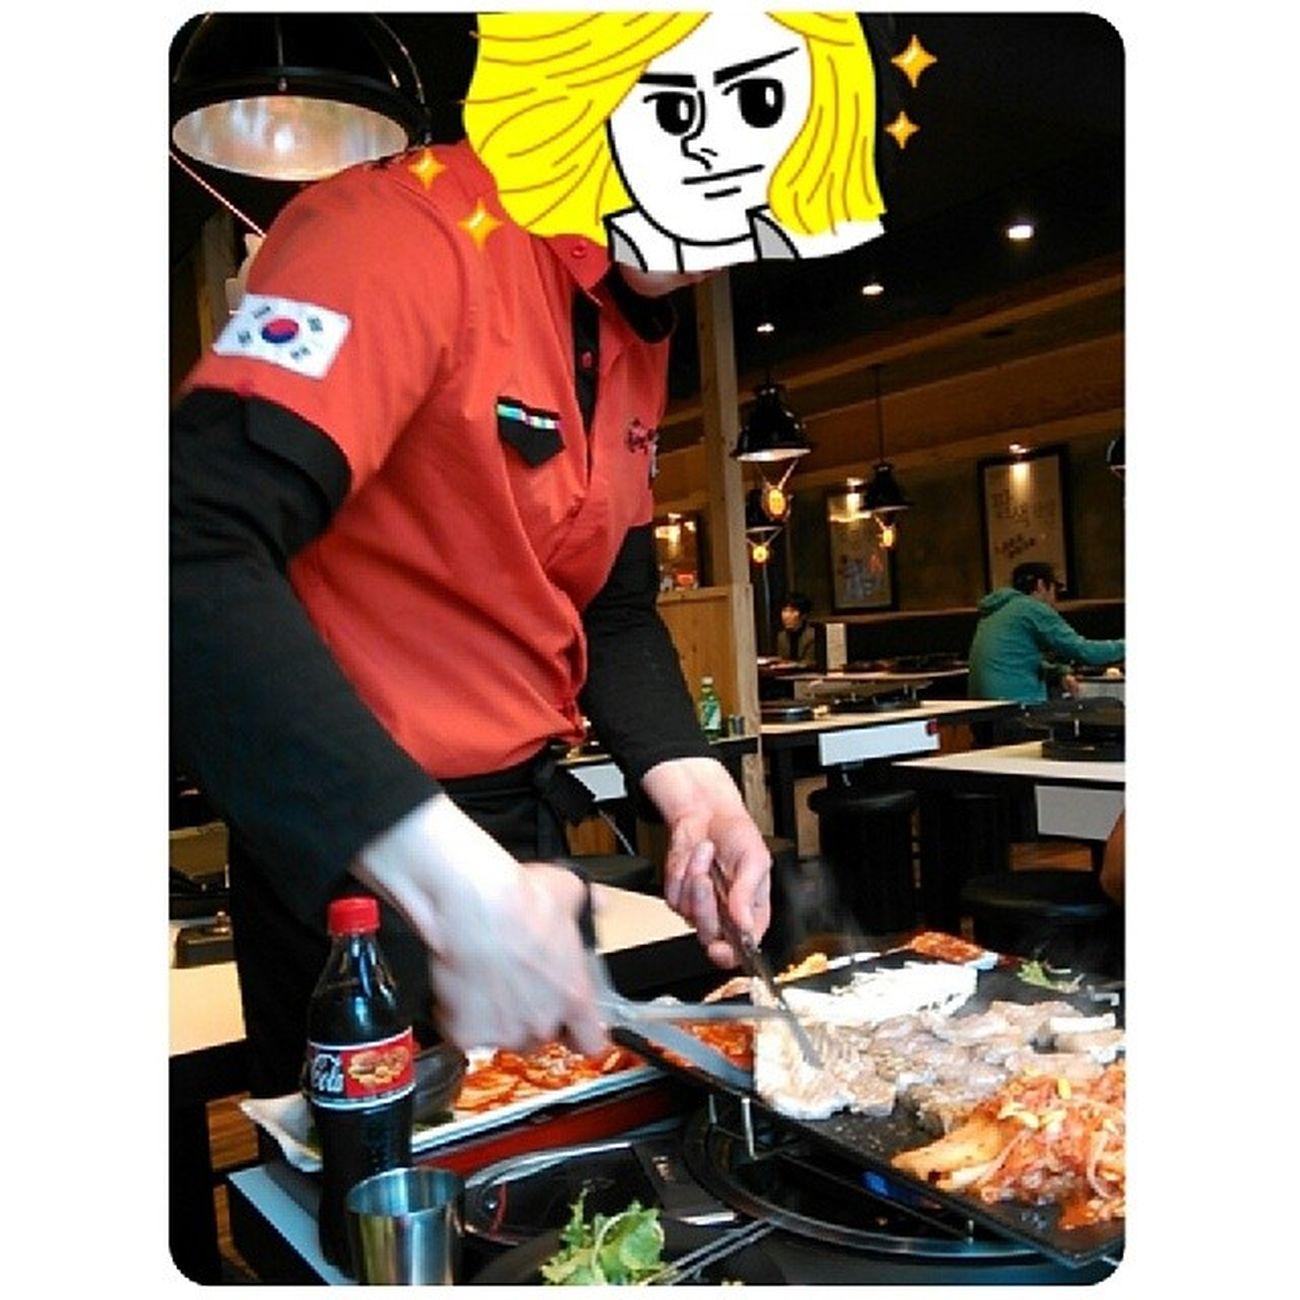 服務生的服務態度也很好。20140403 Dinner Lategram Latergram 八色烤肉 8色 烤肉